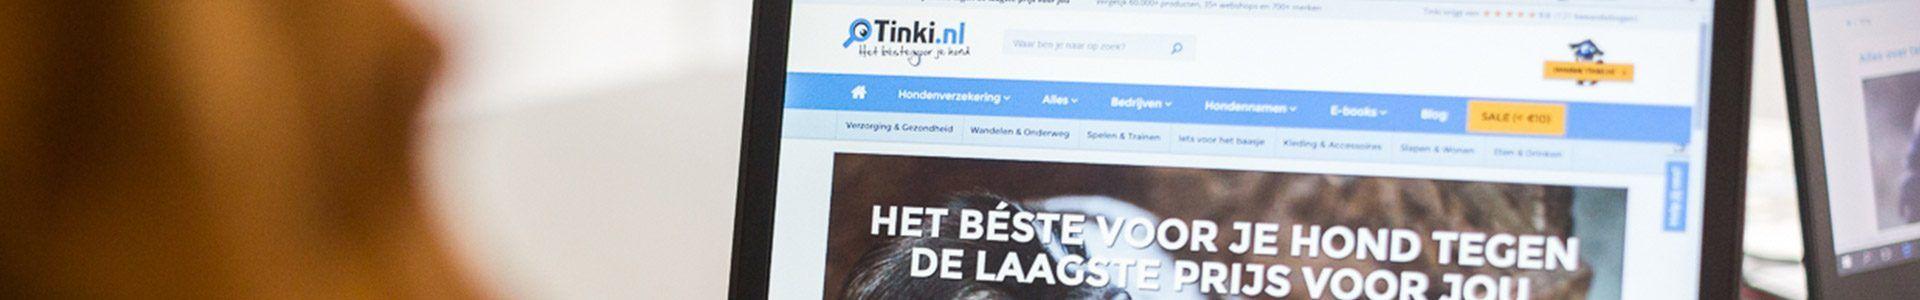 twentse-startup-tinki-gelanceerd-gerben-lievers